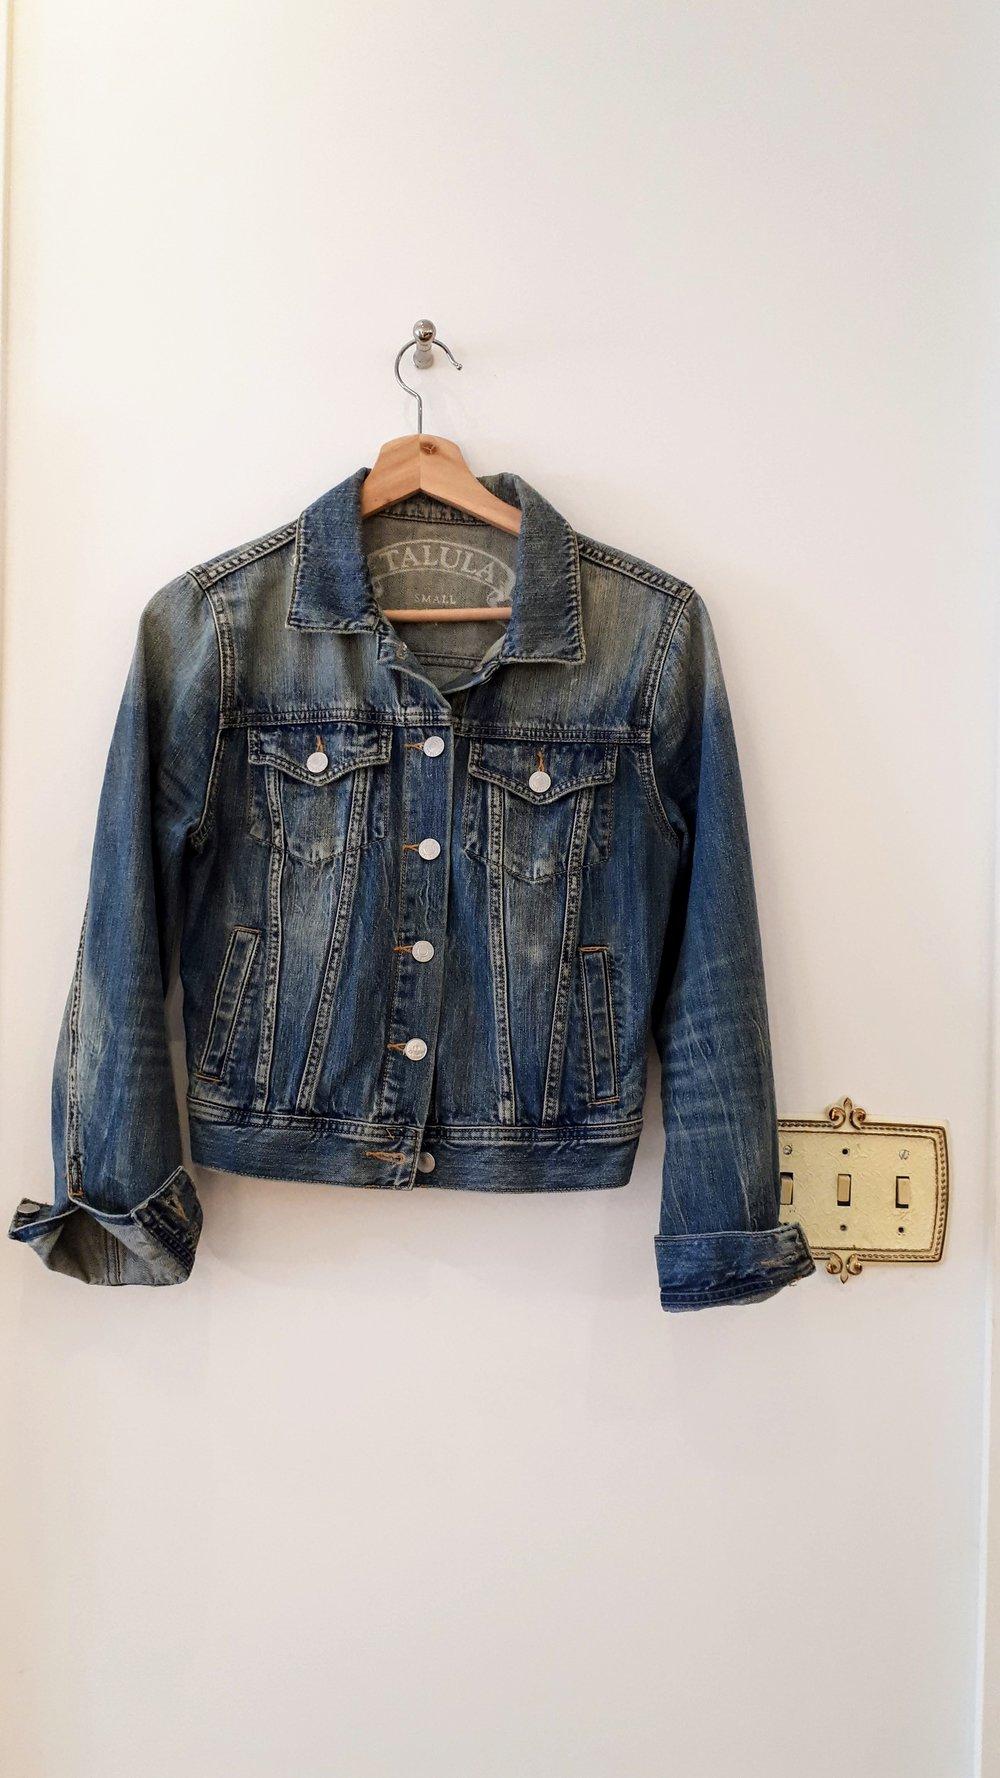 Talula jacket; Size S, $36